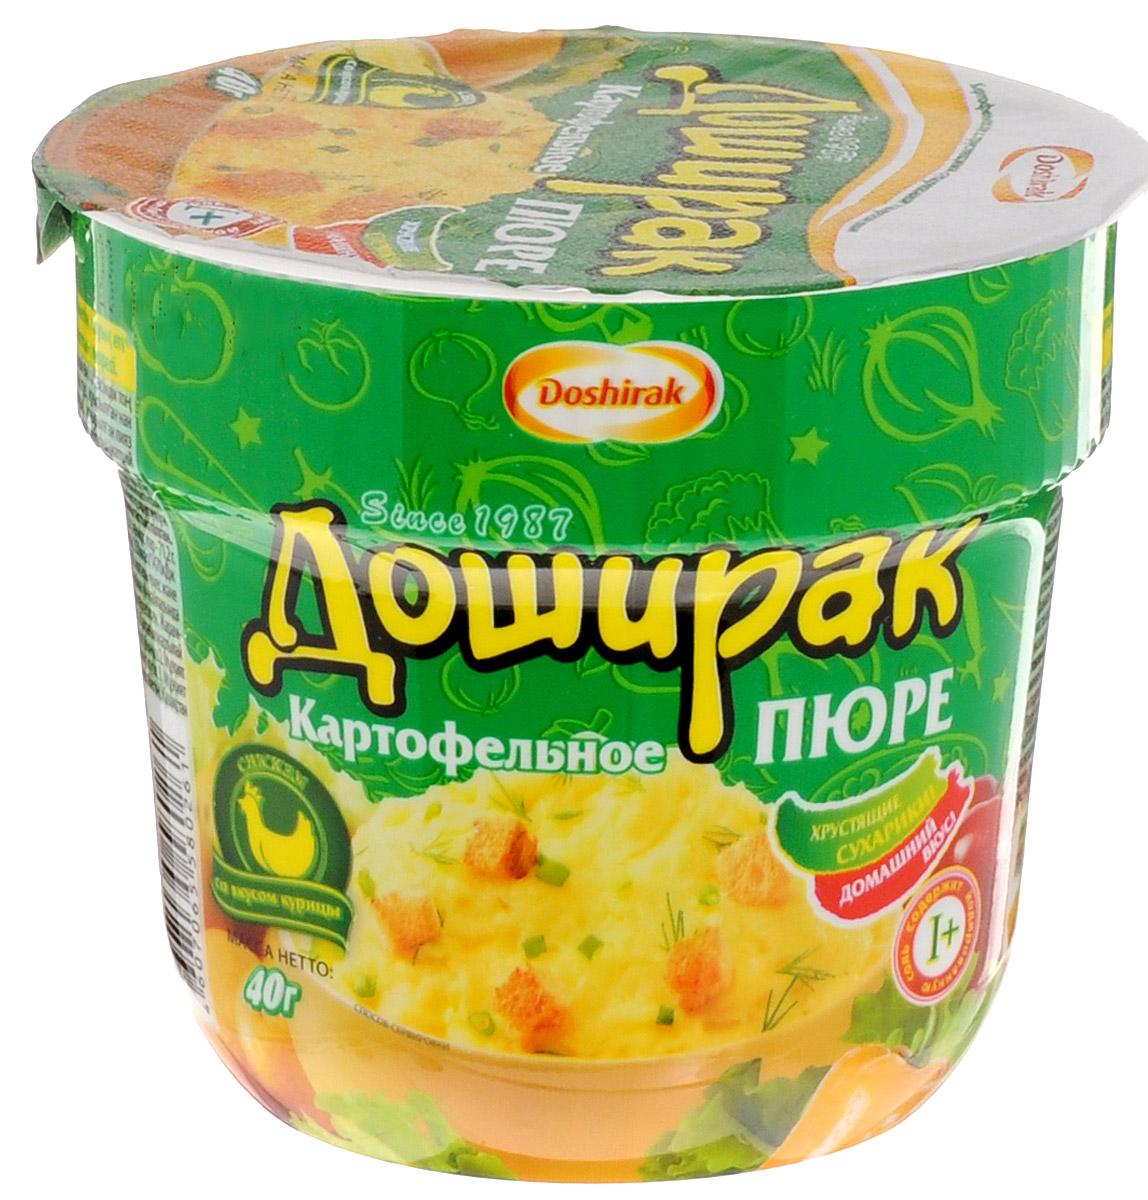 Doshirak Картофельное пюре быстрого приготовления со вкусом курицы, в стакане, 40 г